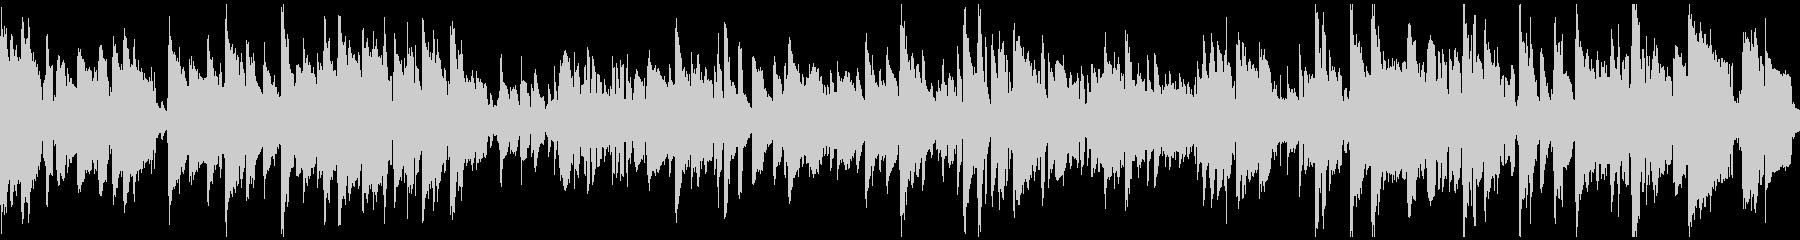 現代的なクール系しっとりジャズ※ループ版の未再生の波形